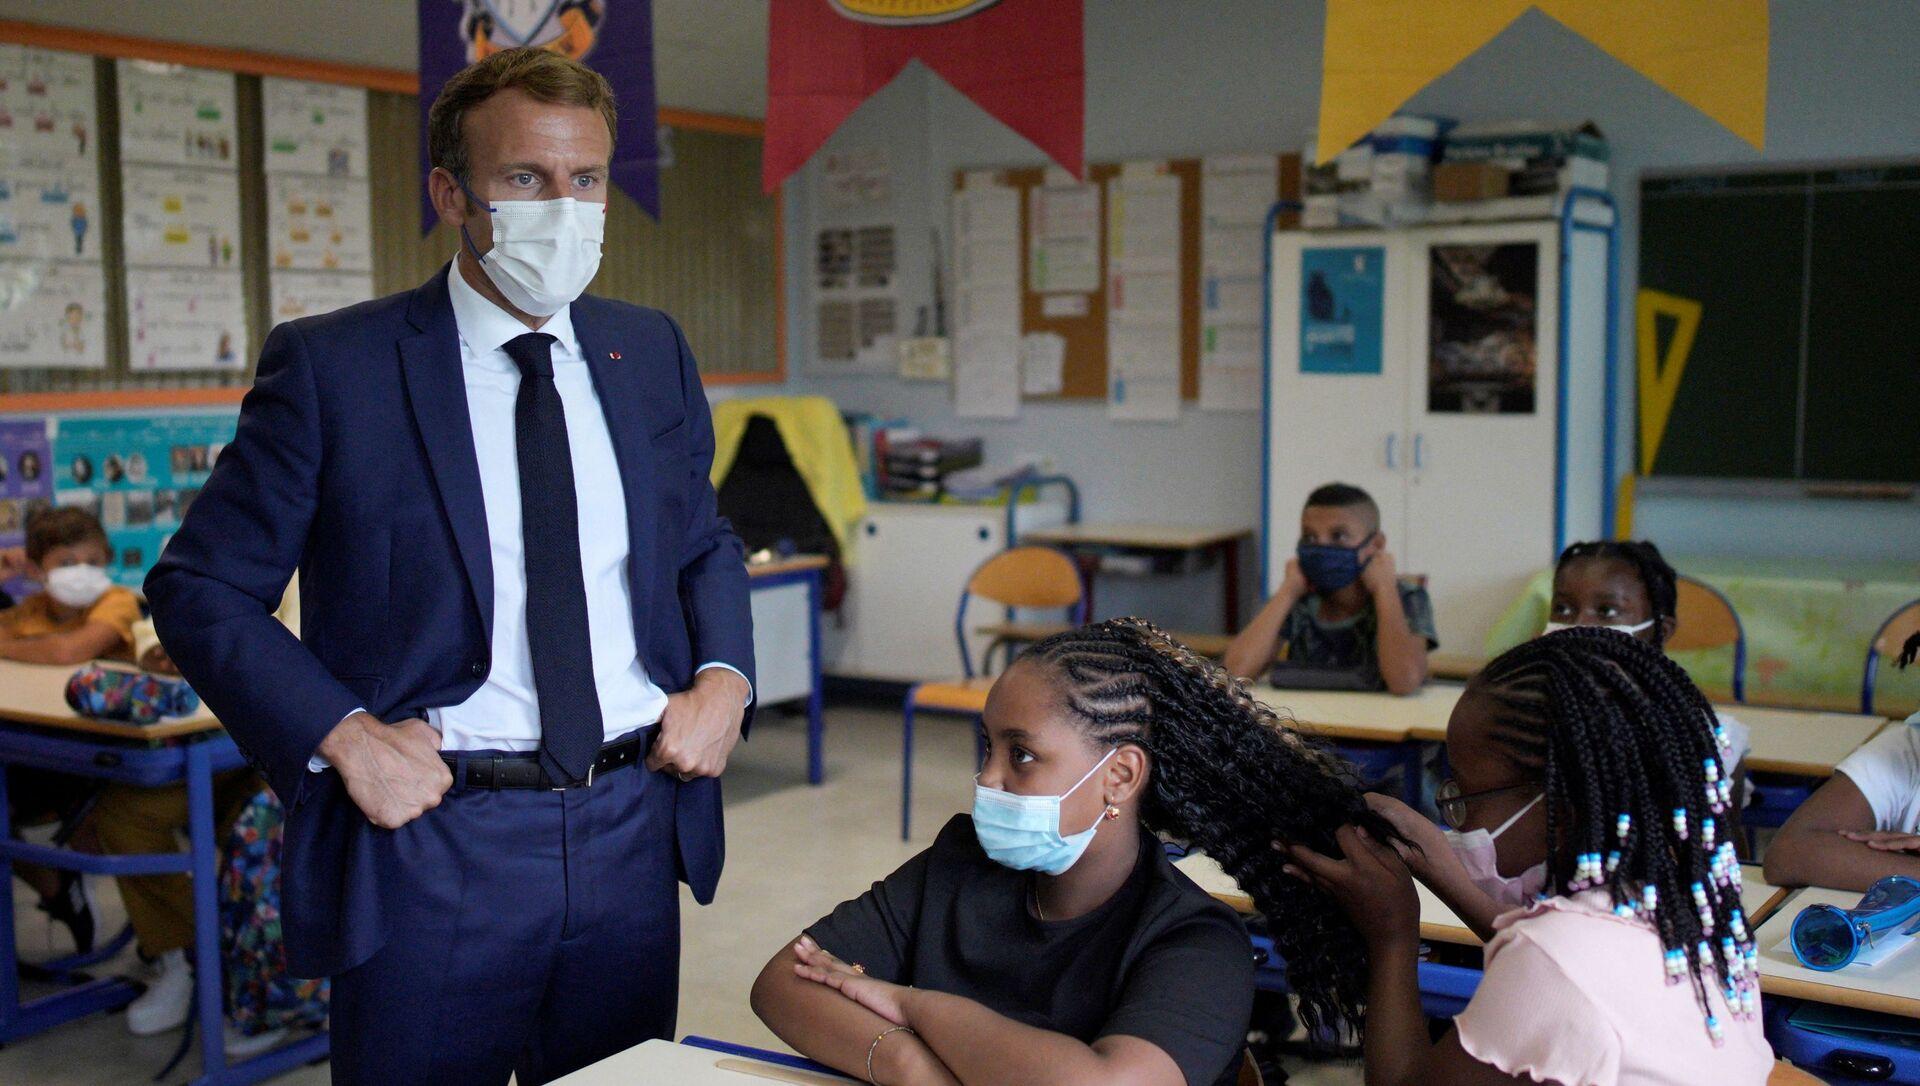 Emmanuel Macron dans une école à Marseille, le 2 septembre 2021 - Sputnik France, 1920, 02.09.2021